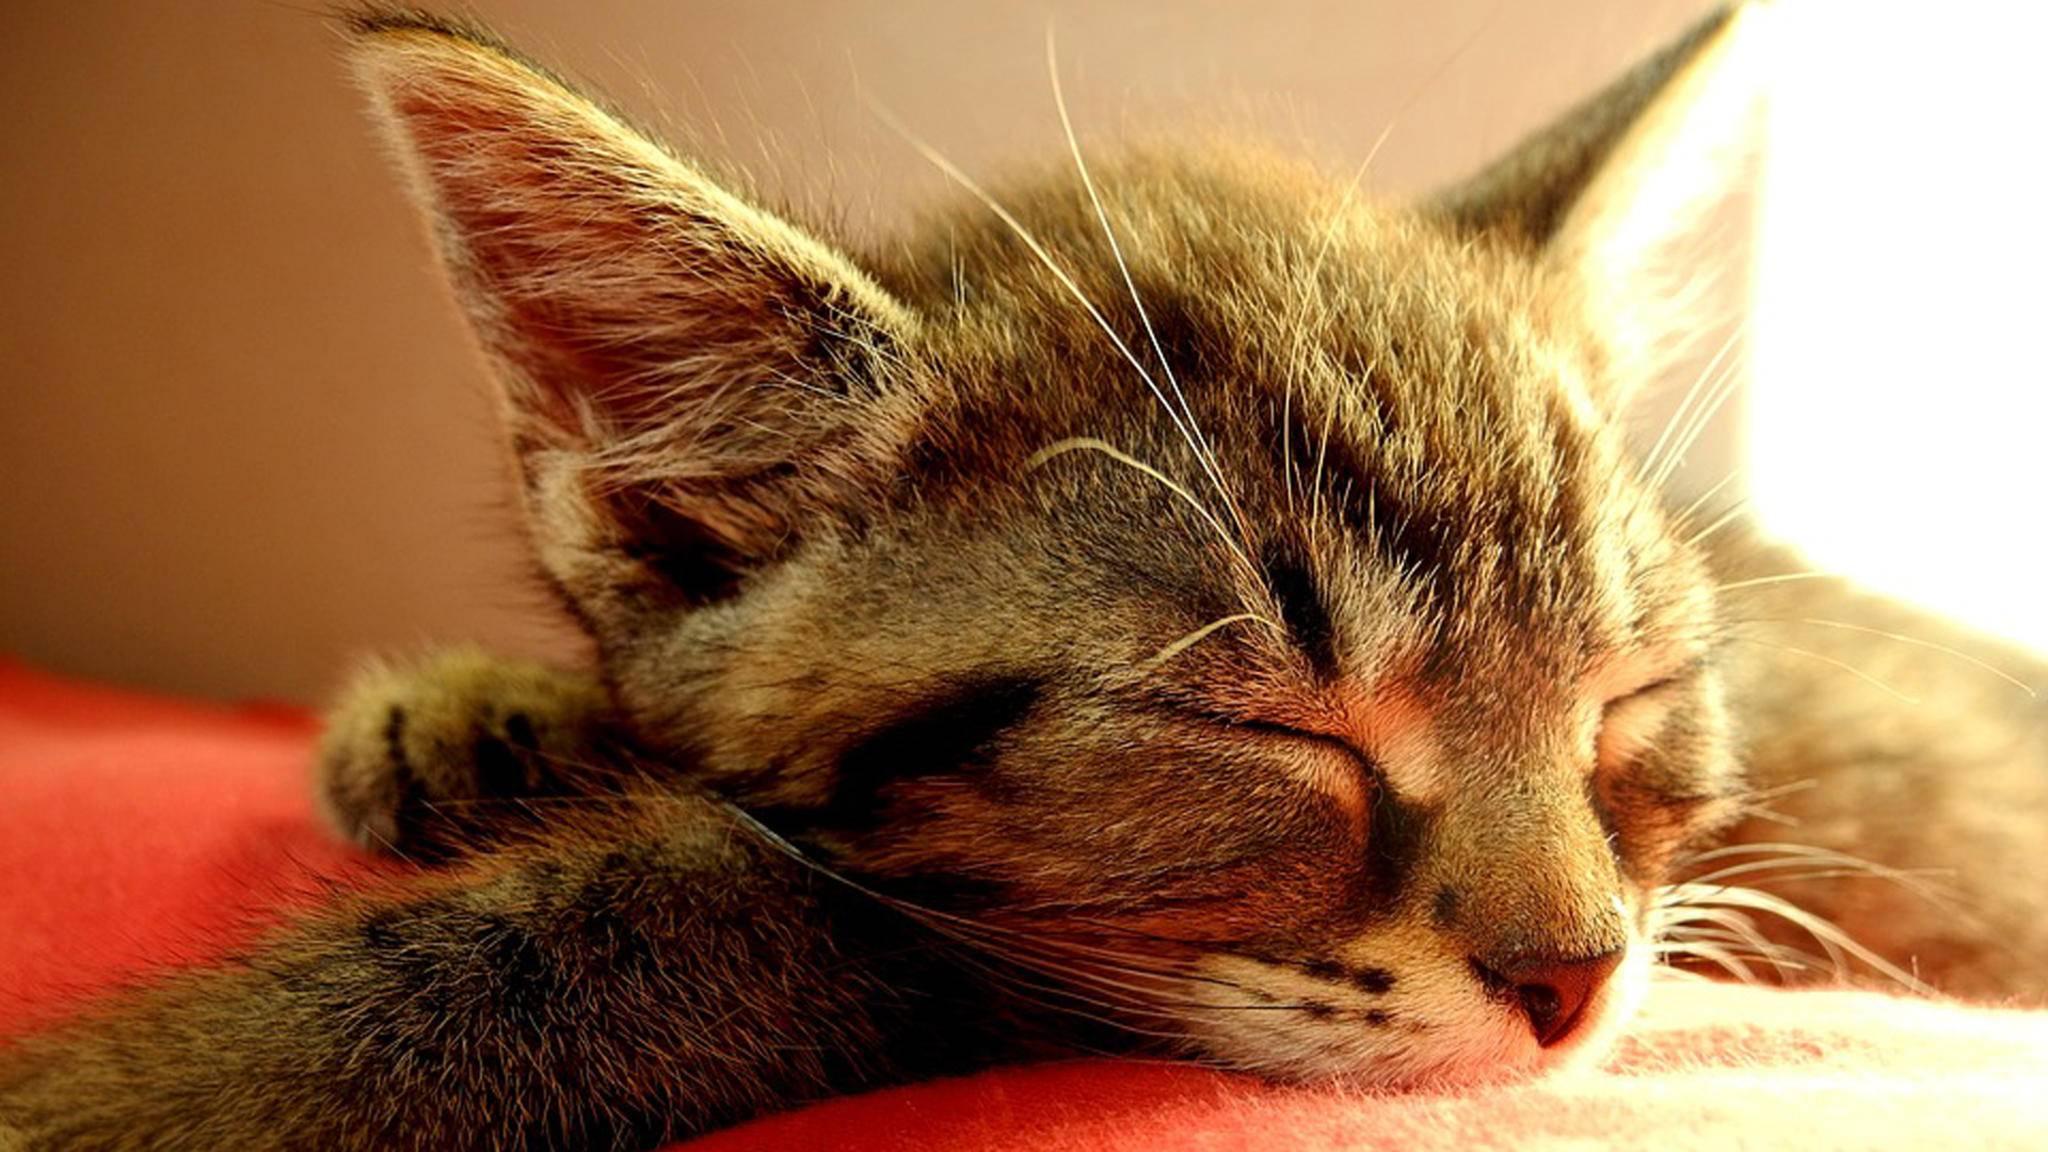 Wer die Wahl hat, wählt Bilder von kleinen Kätzchen.